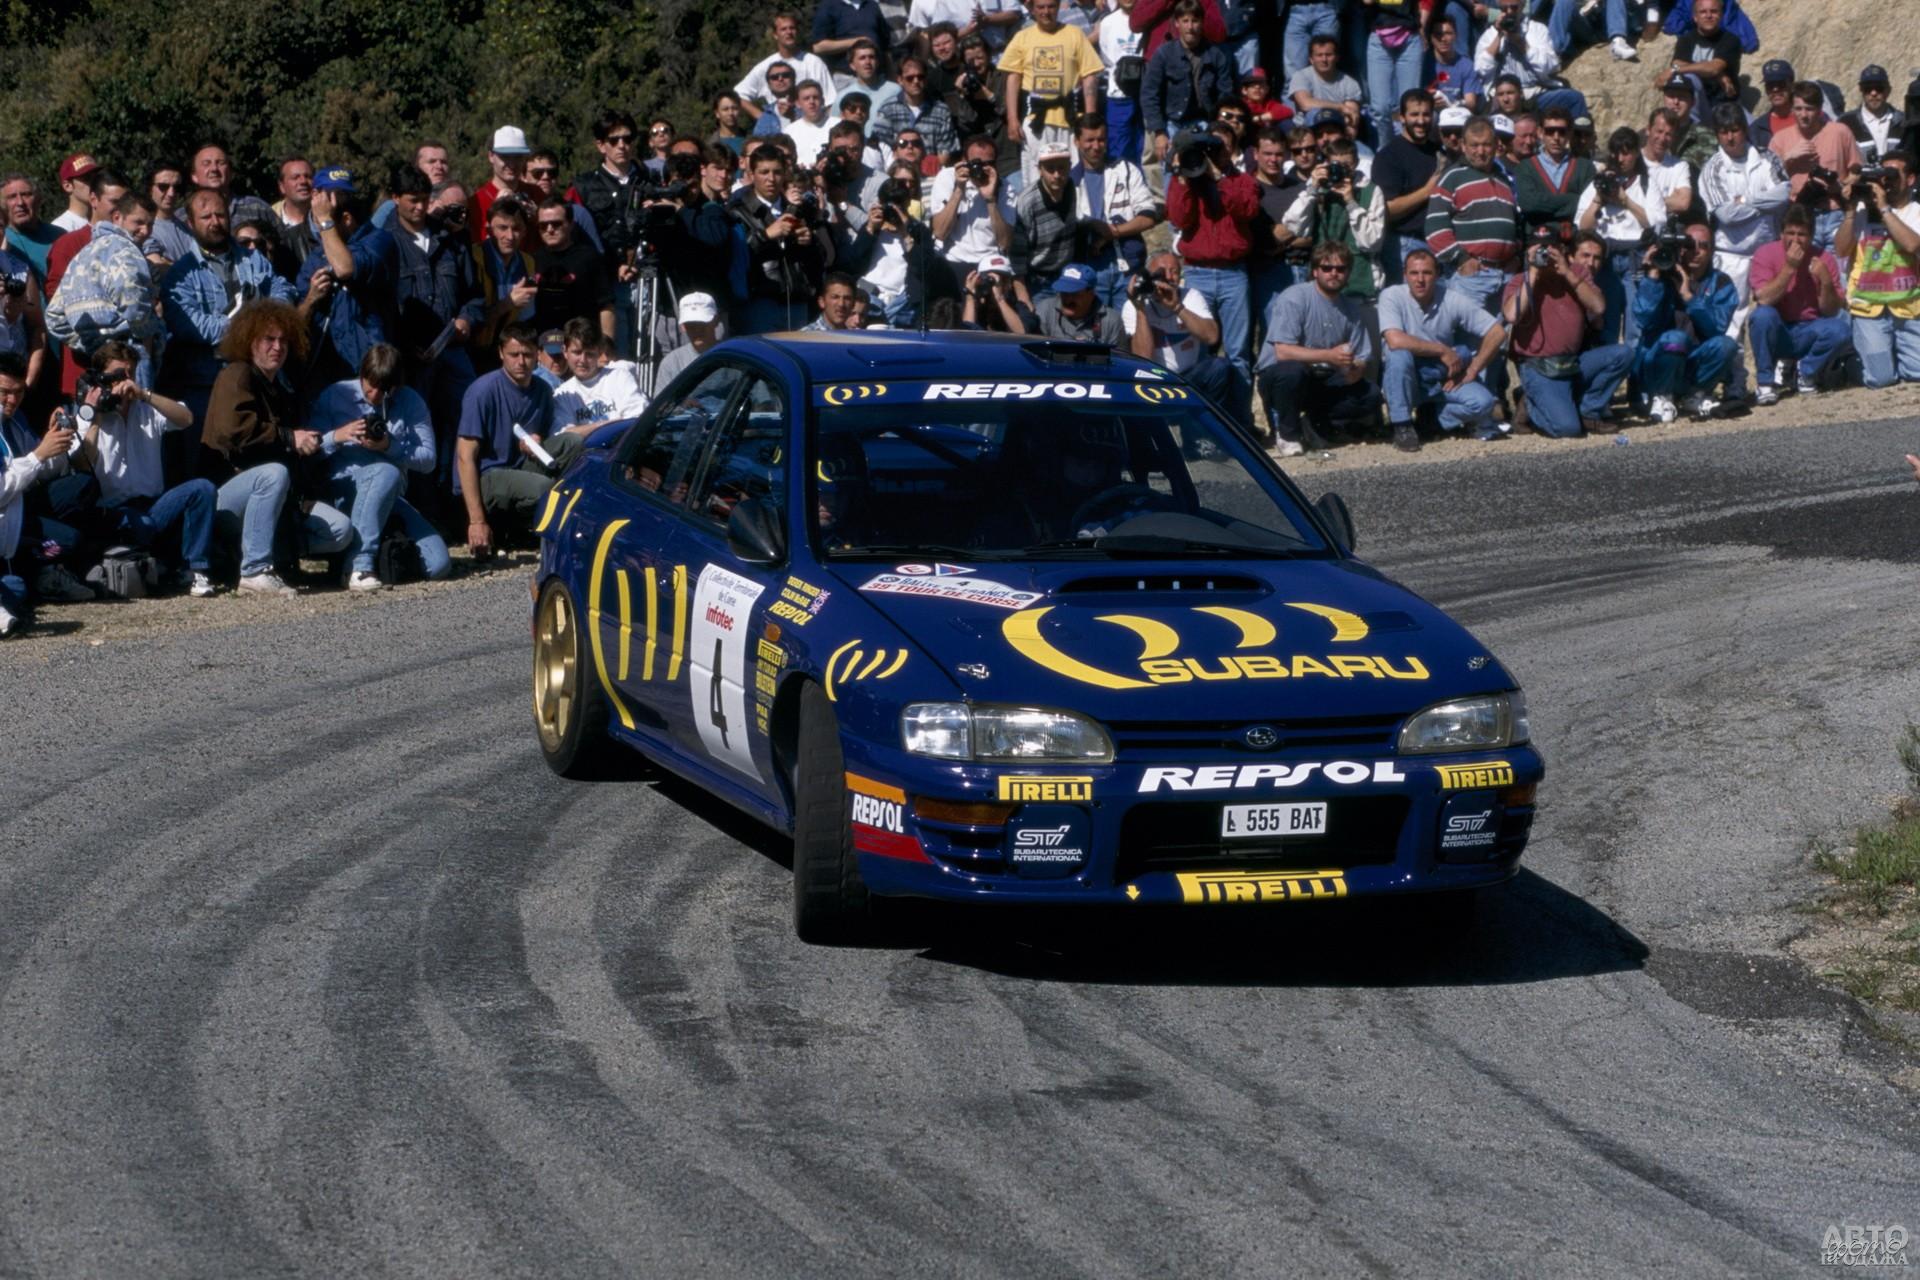 Subaru Impreza первого поколения – гроза раллийных трасс в 90-х годах